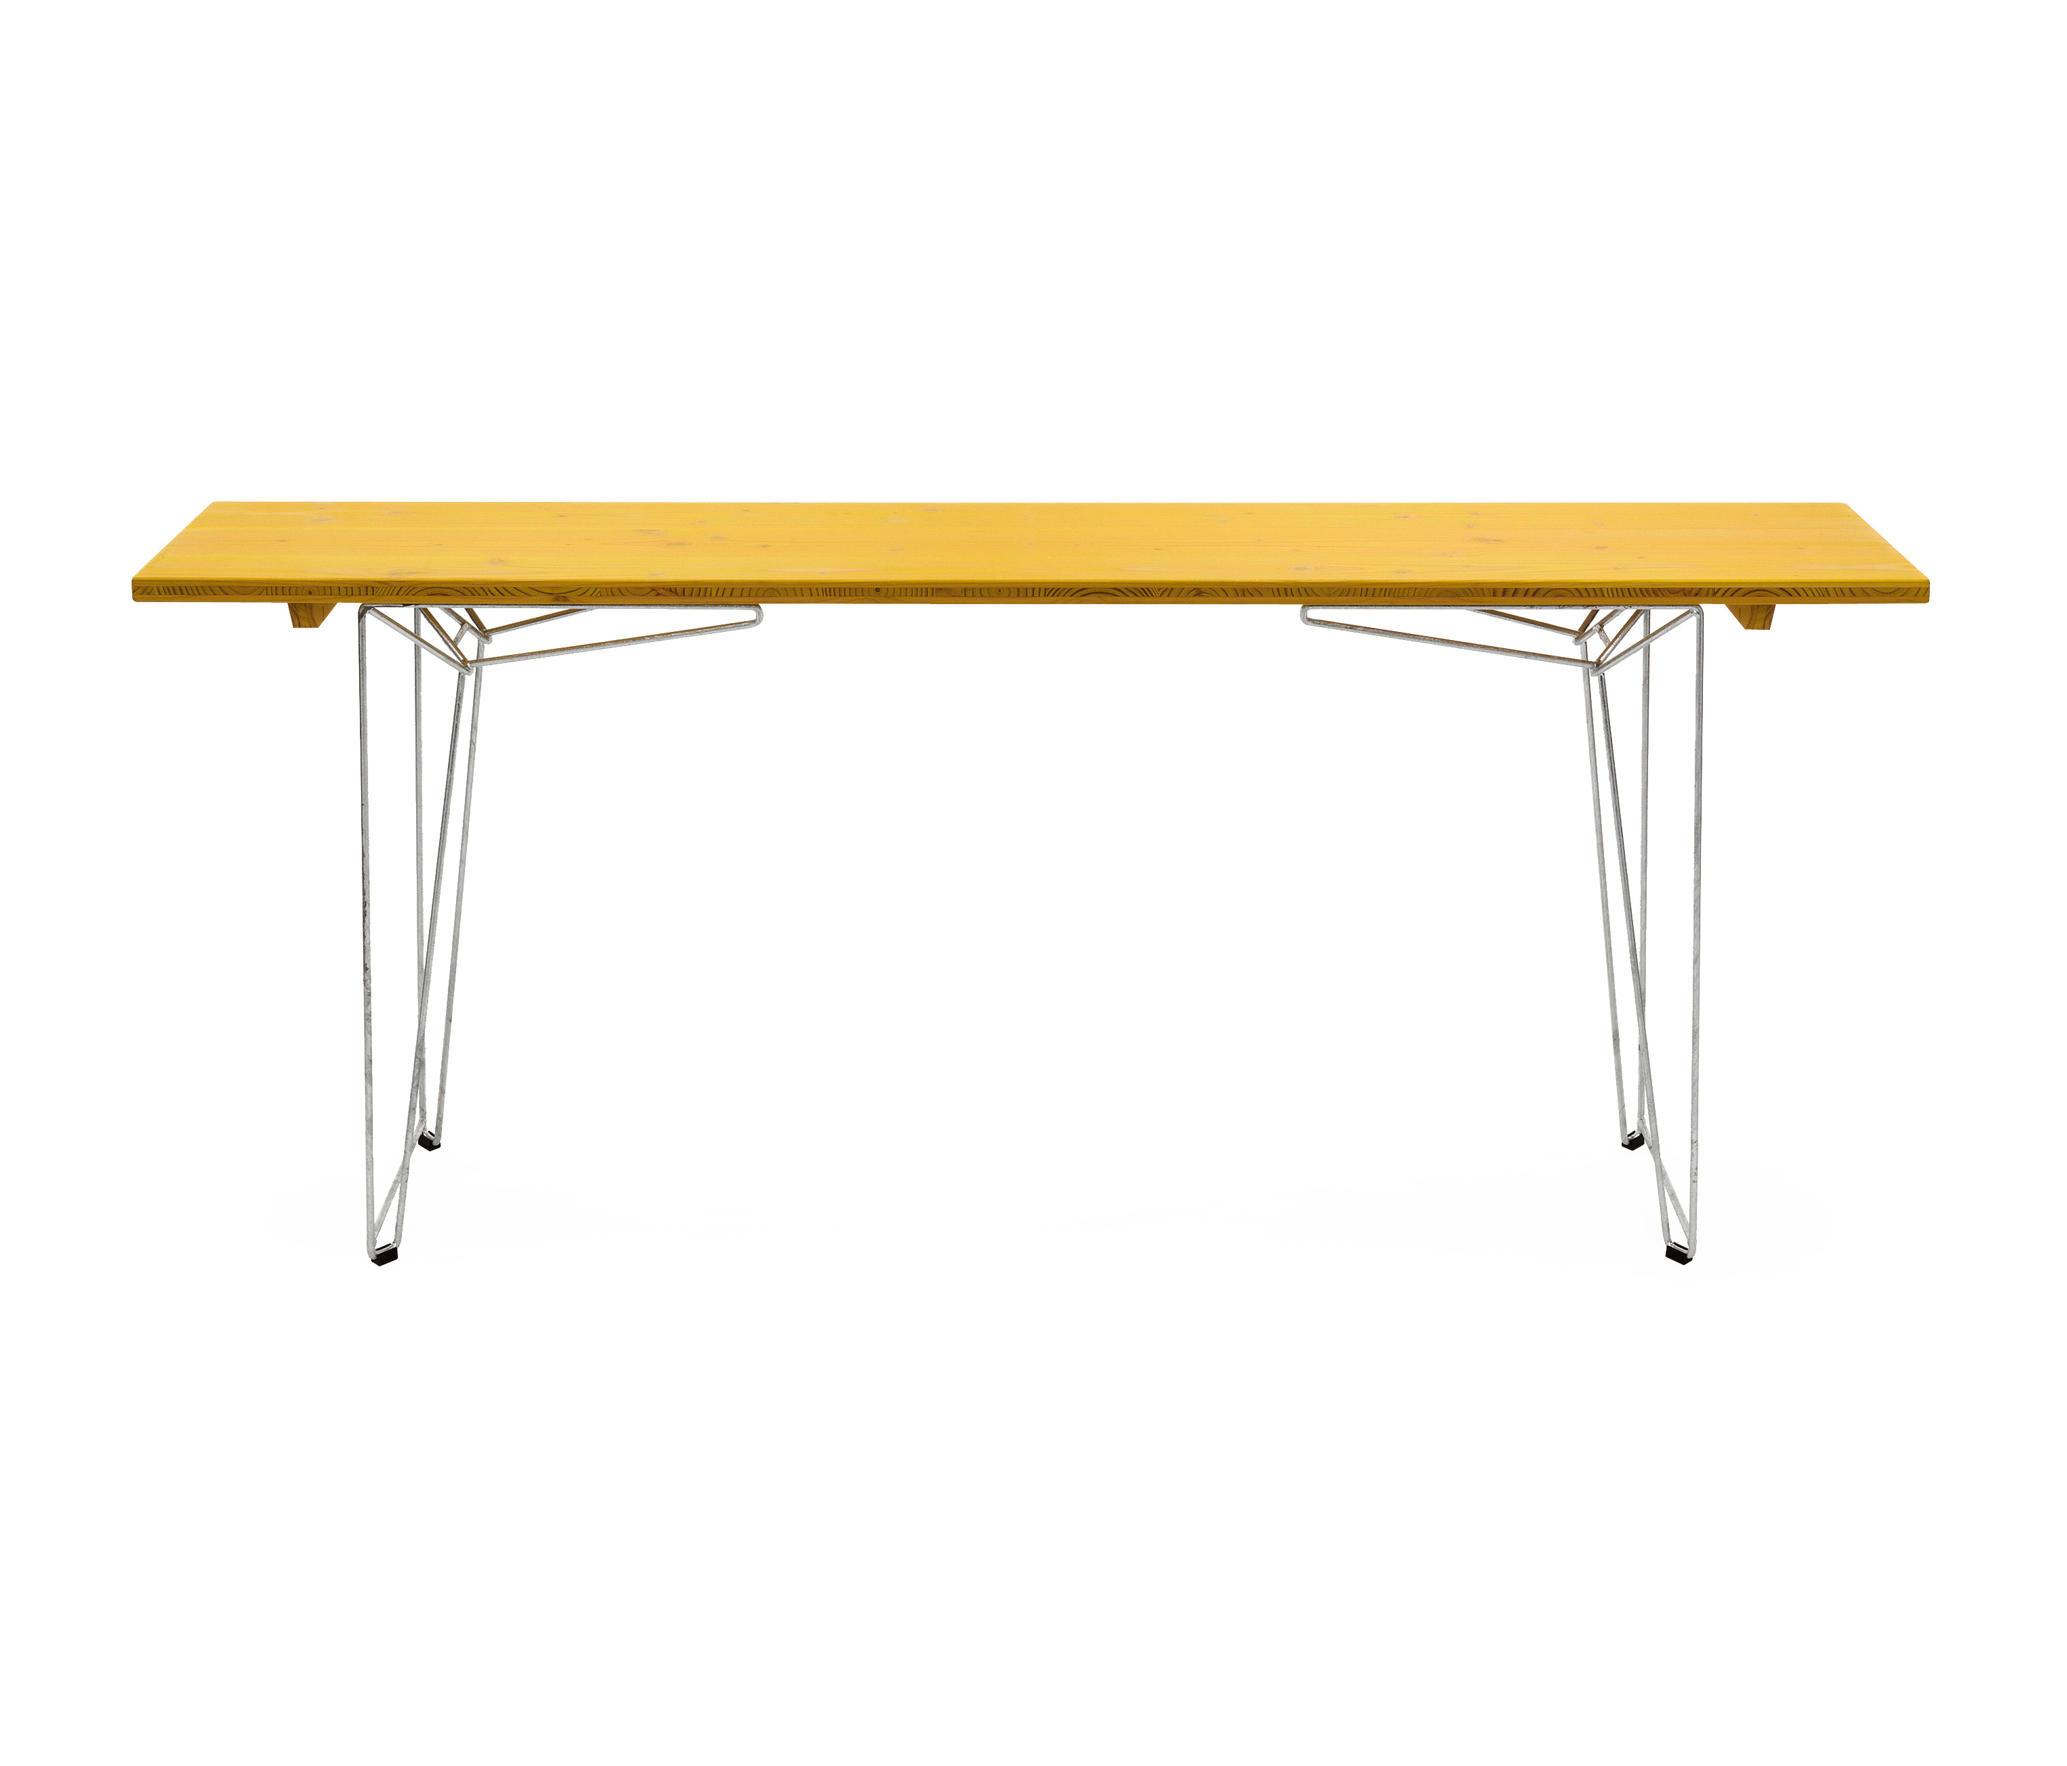 tisch und bank btb platte zinkgelb ral 1018 esstische. Black Bedroom Furniture Sets. Home Design Ideas